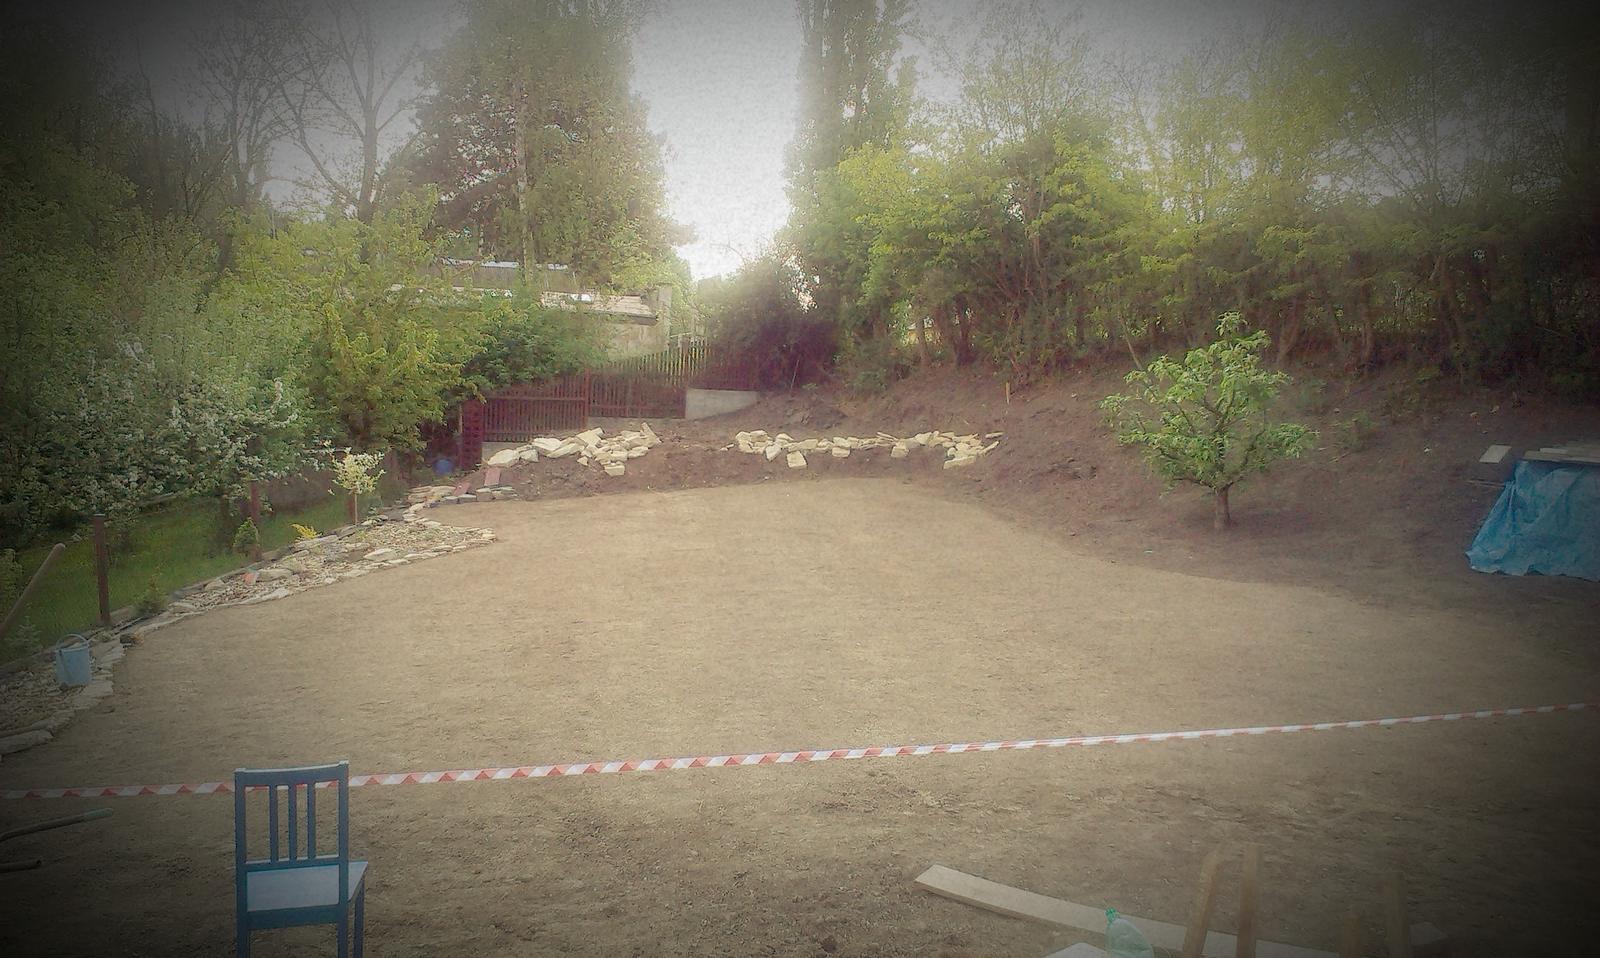 Záhrada - Zákaz vstupu!